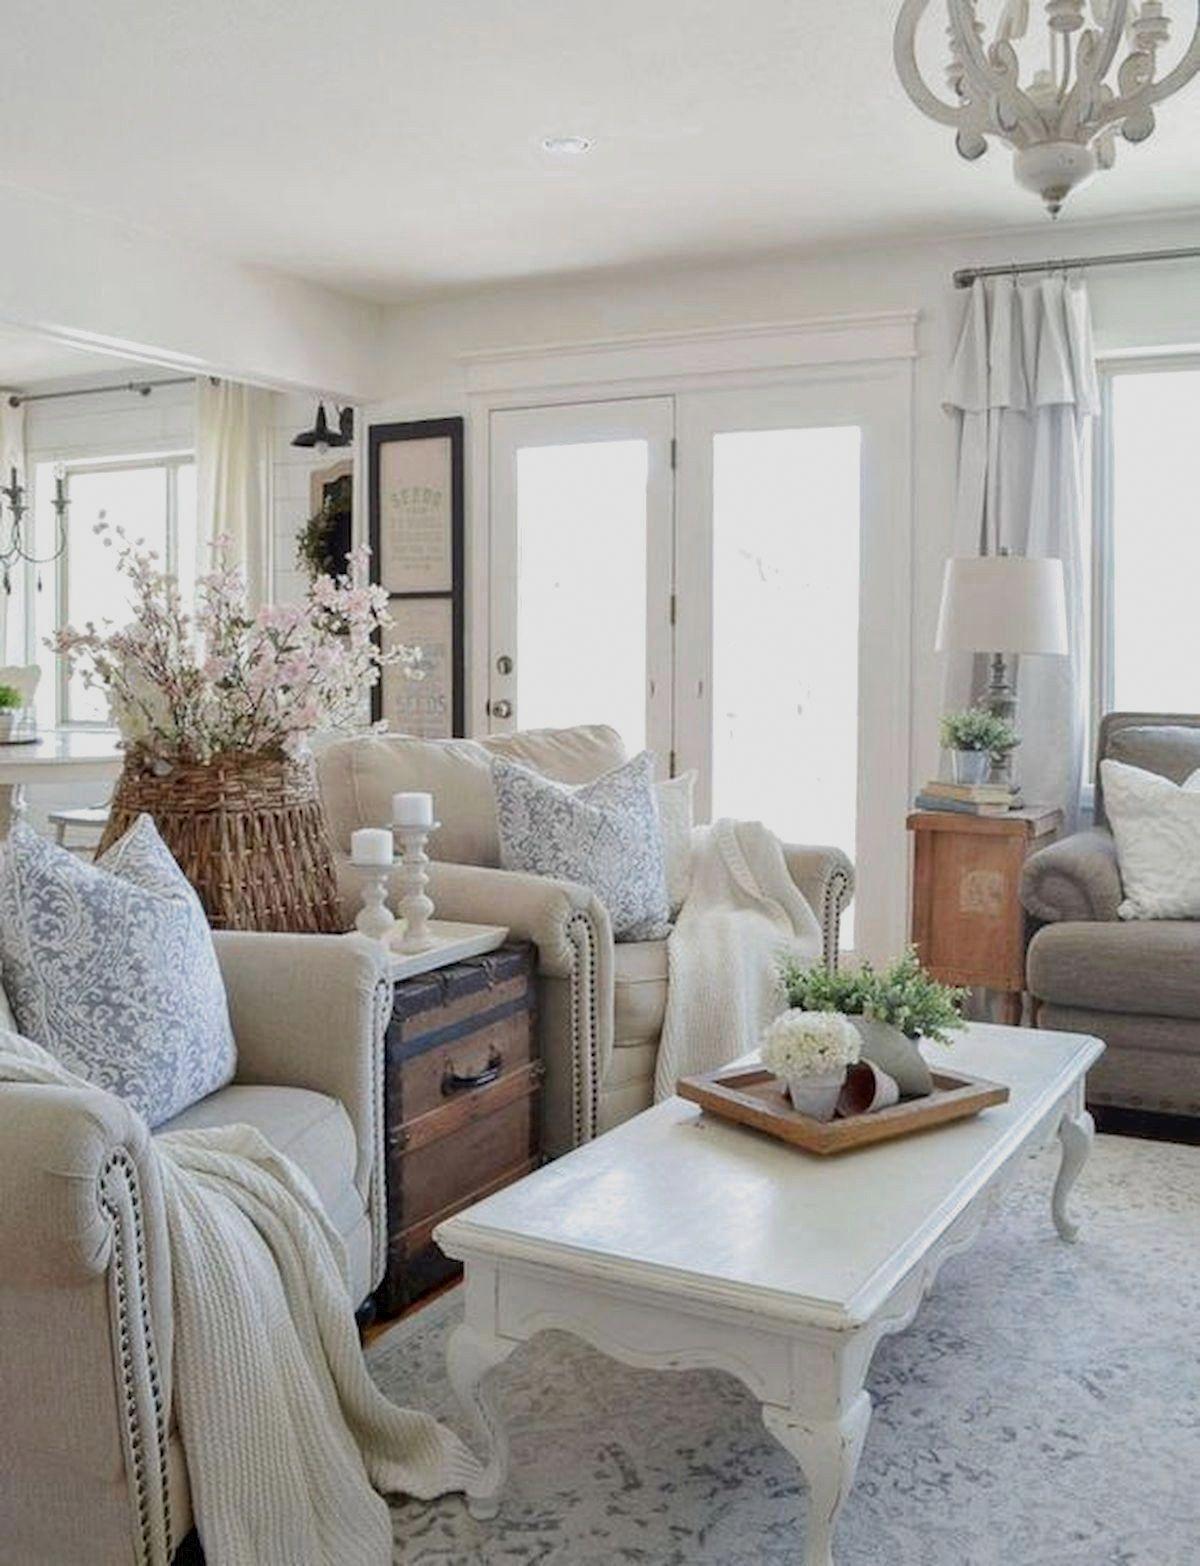 26 Minimalist Bedroom Decorating Ideas Wohnzimmer Design Wohnung Wohnzimmer Wohnzimmer Dekor